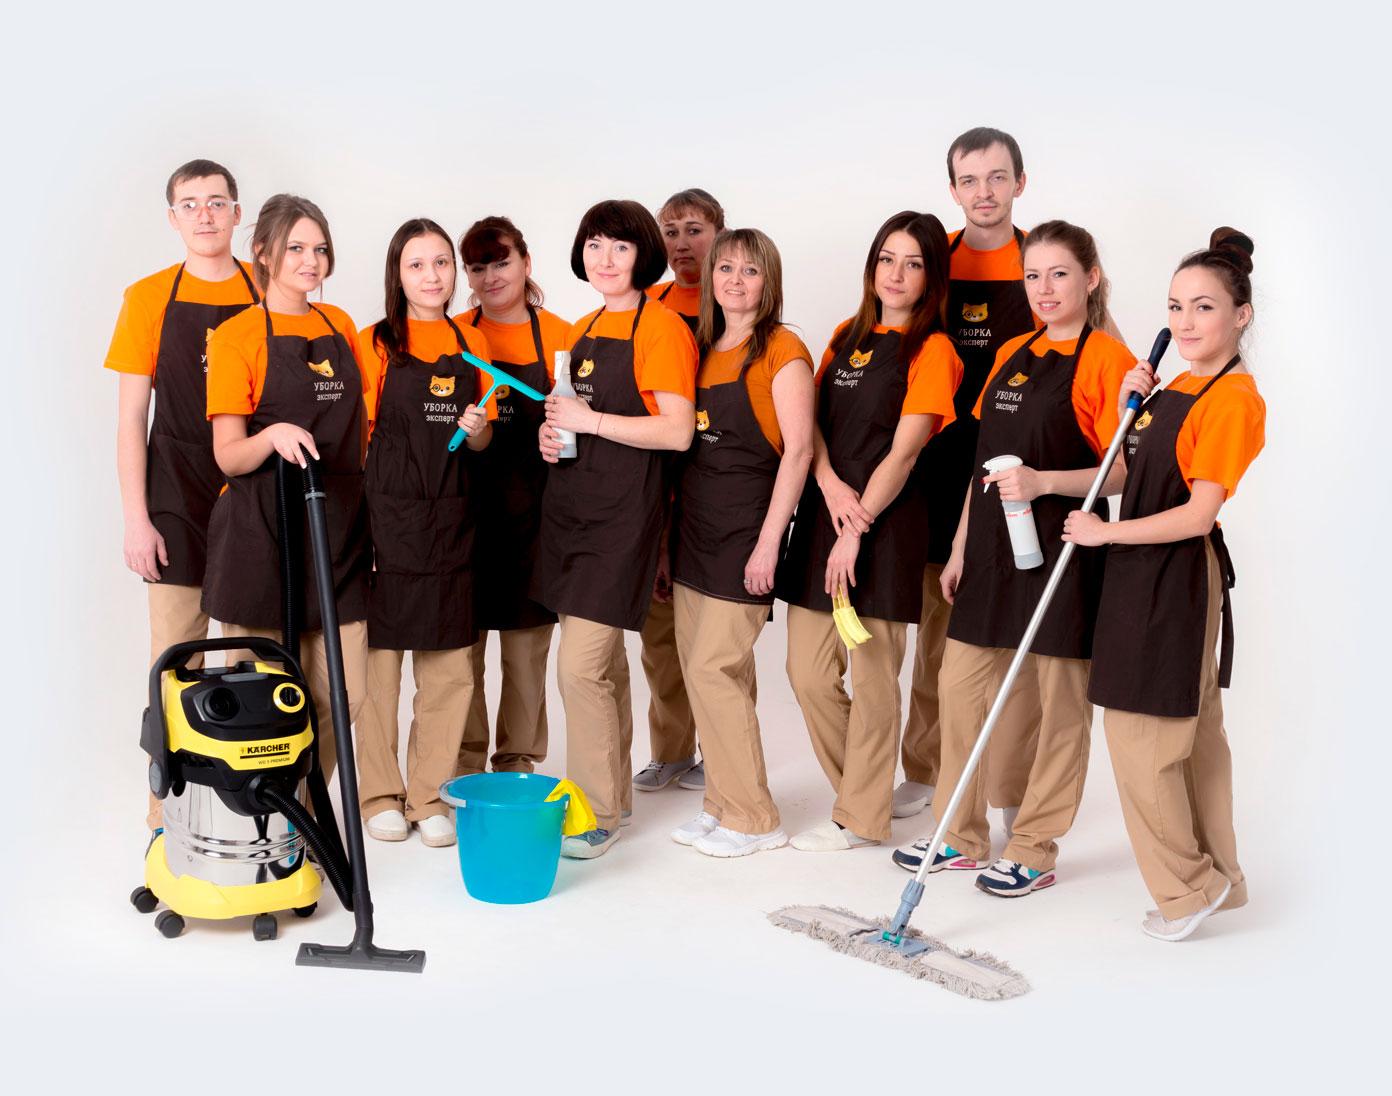 команда уборка-эксперт